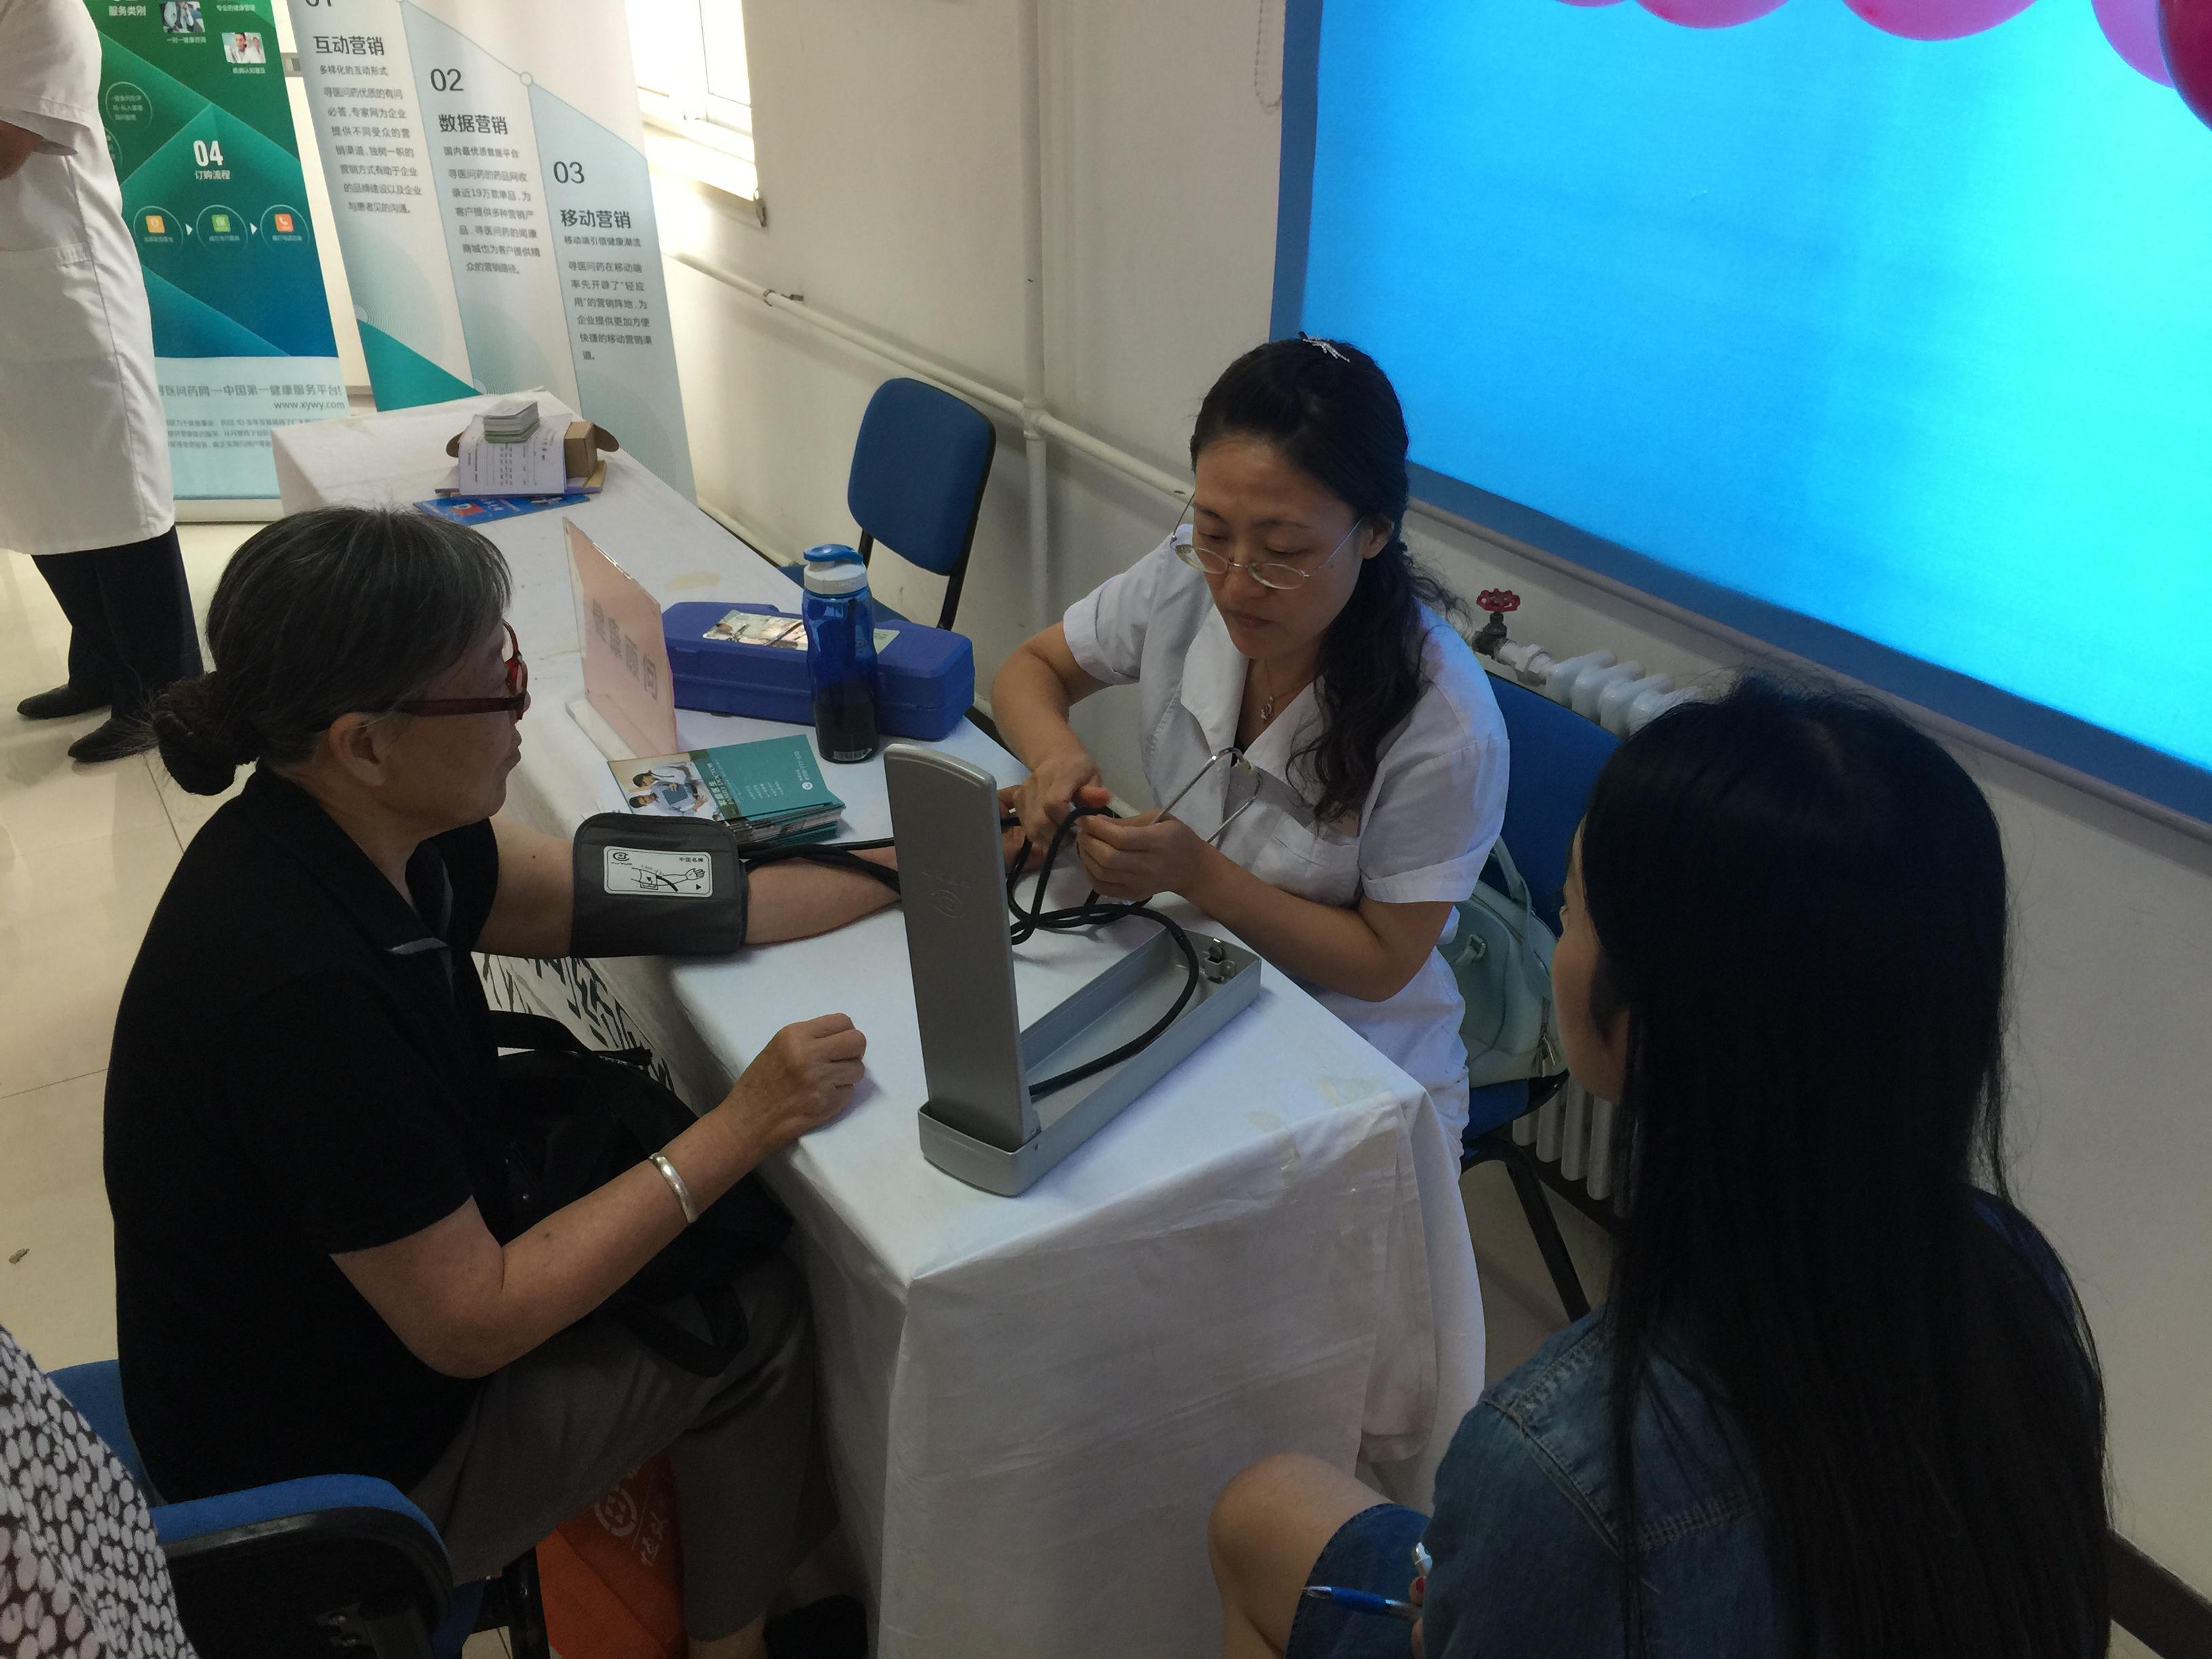 我们的医师认真的给居民测量血压,给来会的居民们提供健康建议,让居民们得到好的健康方法,有一个健康的身体。